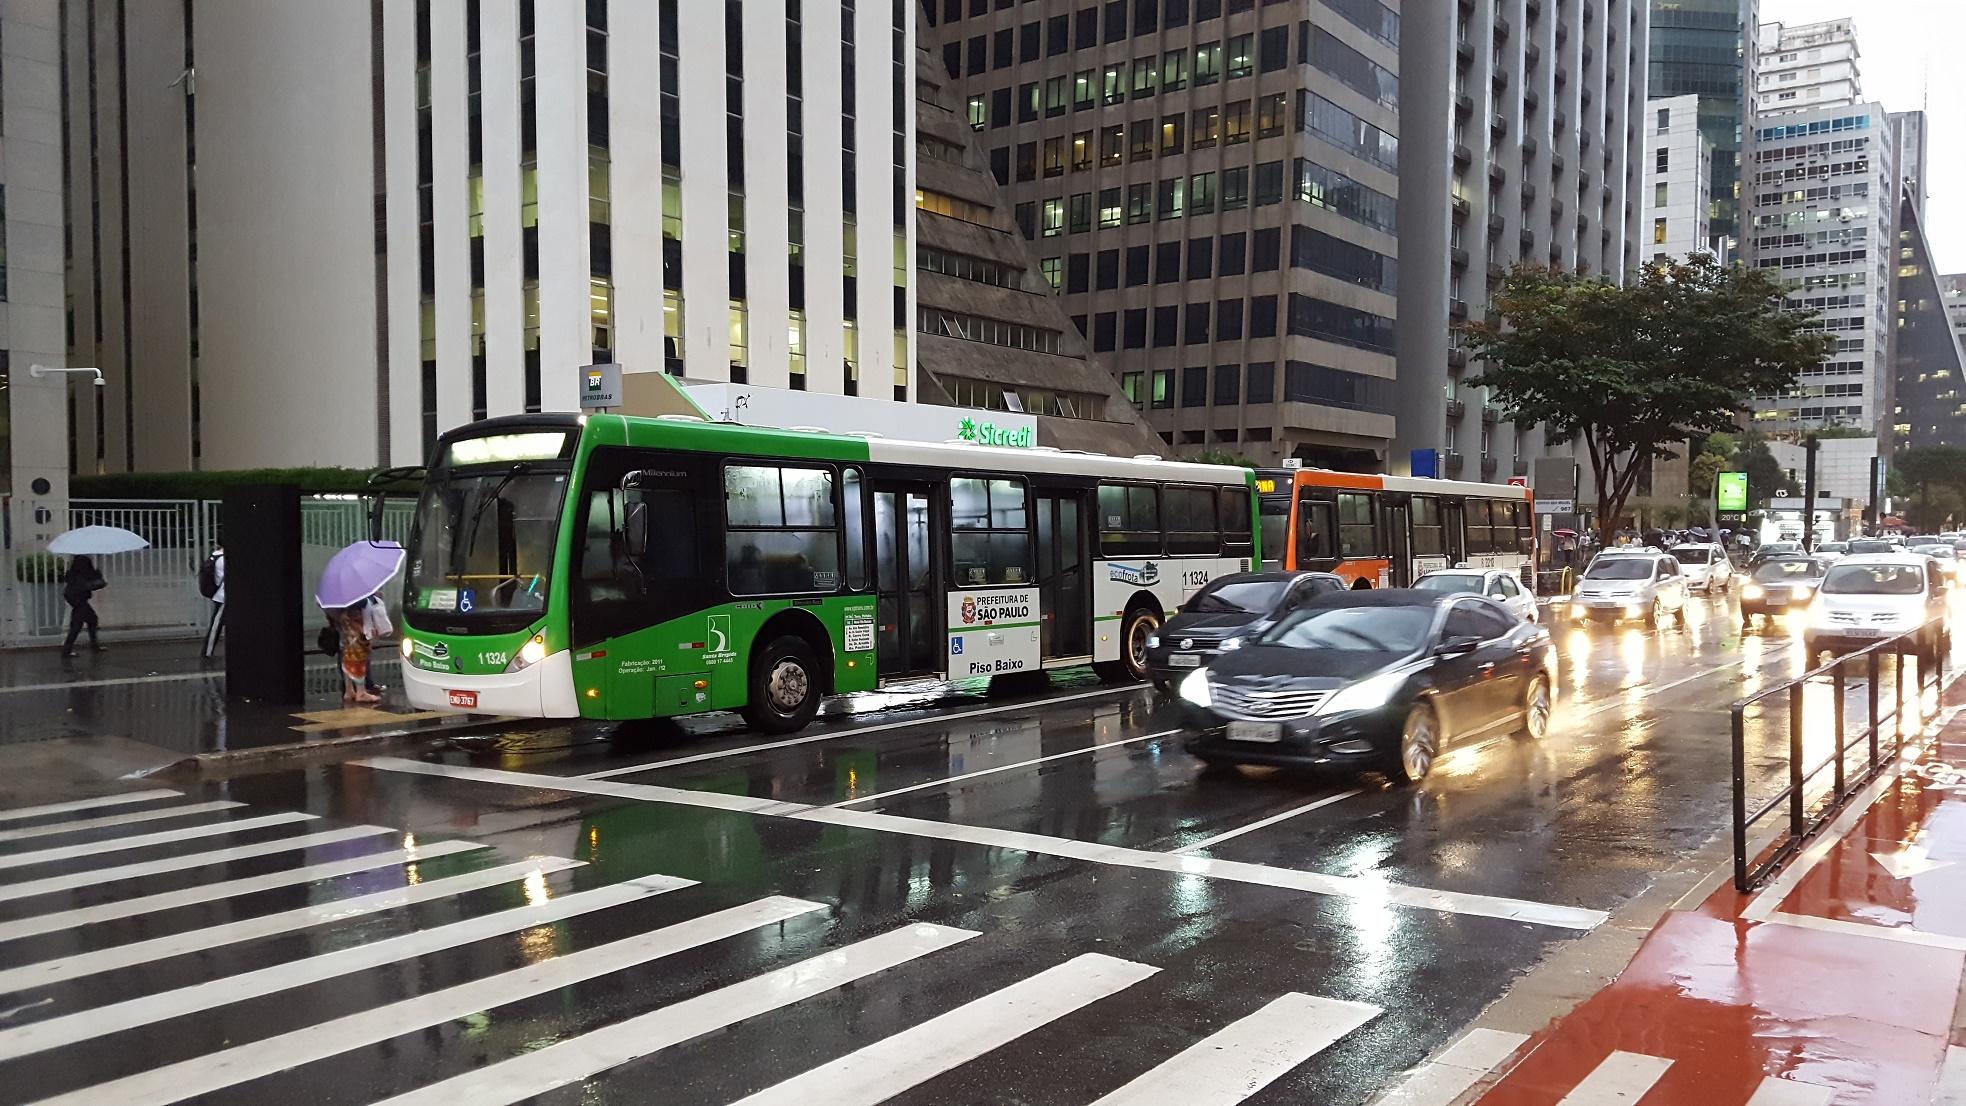 São Paulo caiu da 7ª para 58ª posição no ranking TomTom Trafic Index, o mais importante ranking mundial de medição de congestionamentos